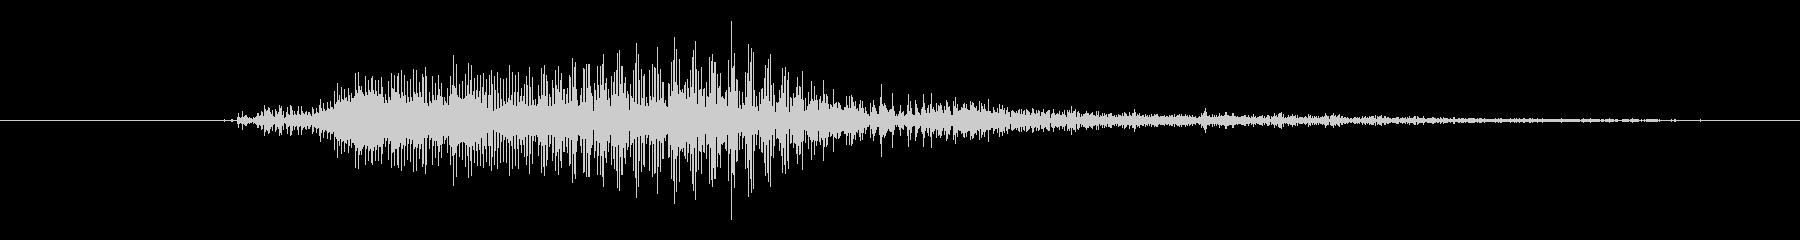 モンスター アサルトハイ02の未再生の波形